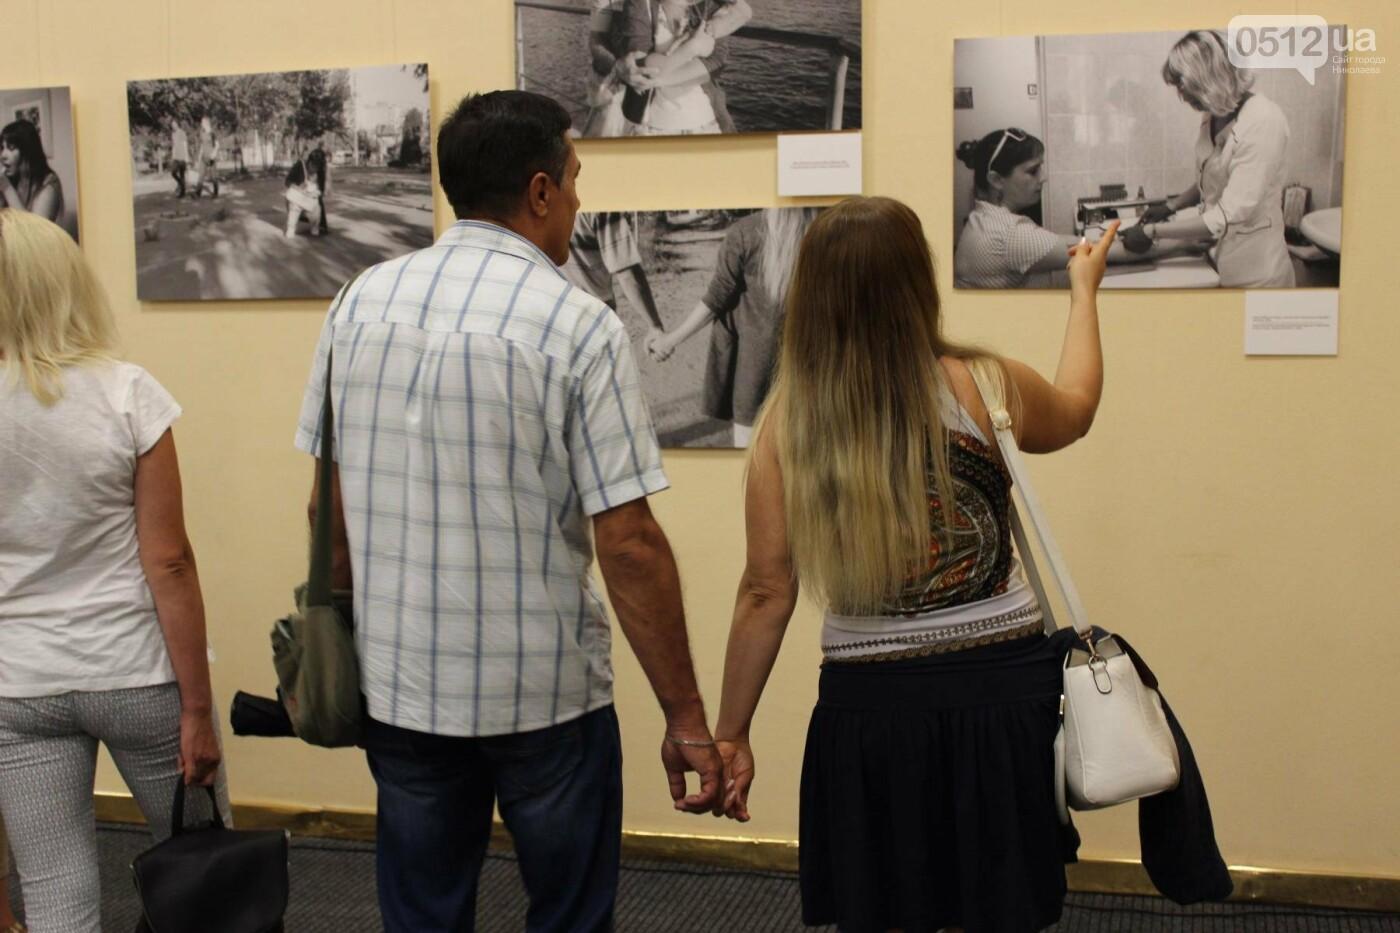 В Николаеве прошла фото-выставка людей, которые борются за жизнь, - ФОТО, фото-2